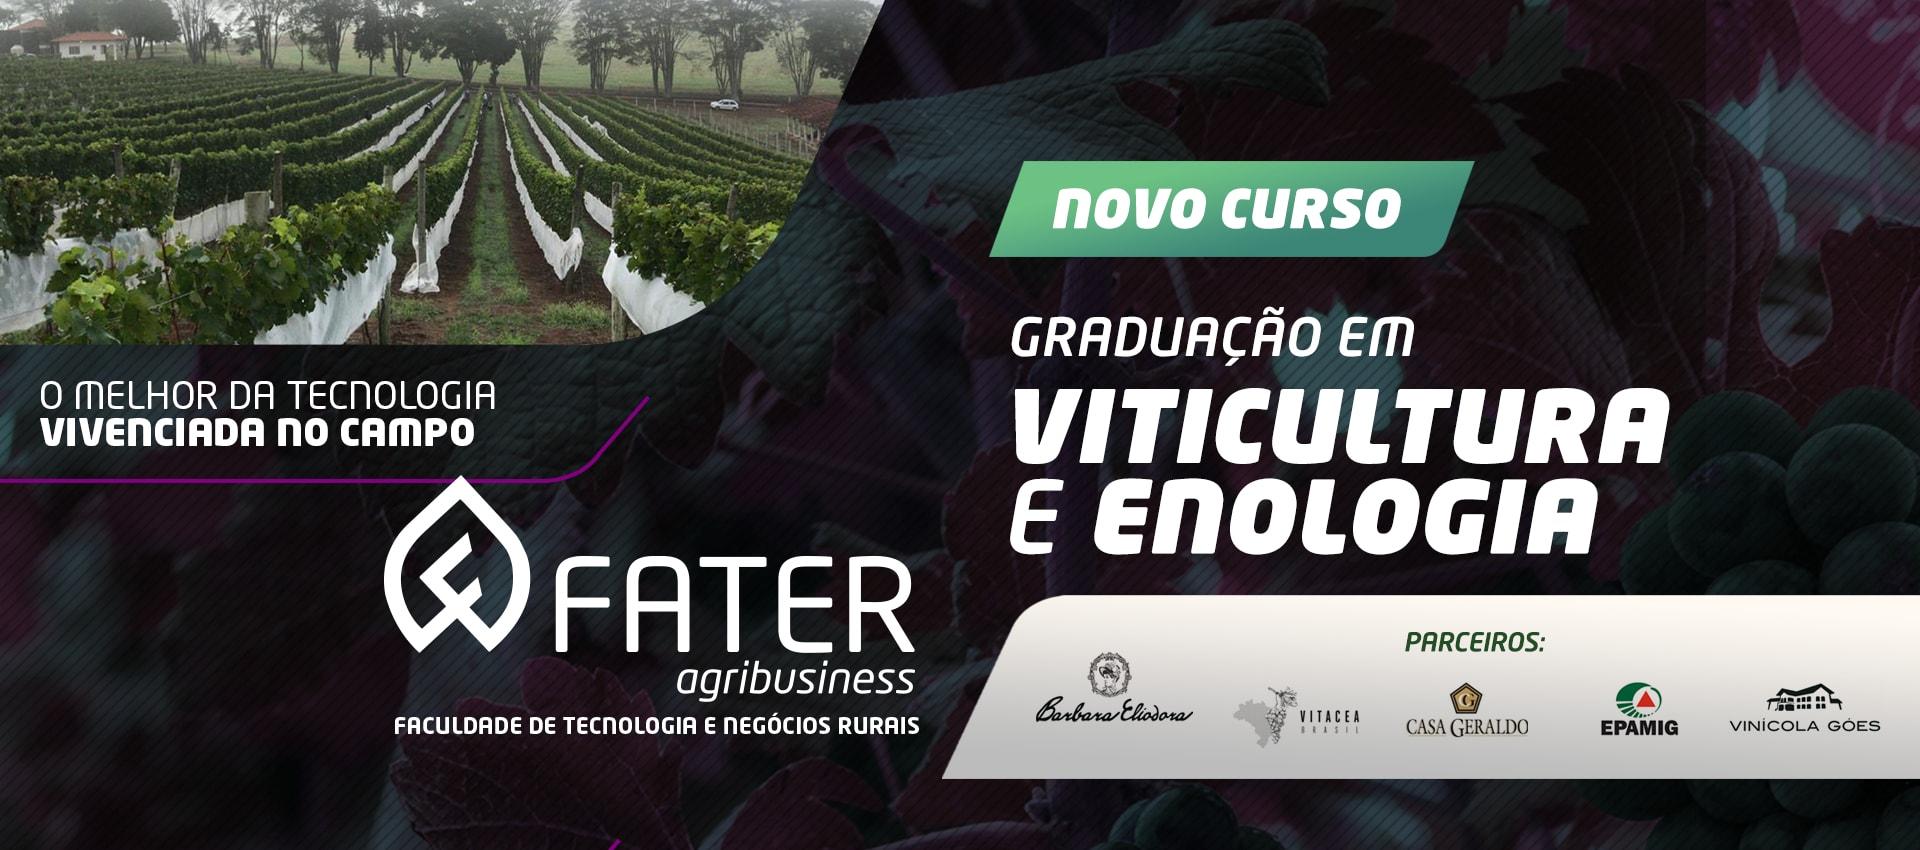 Fater - Graduação em Viticultura e Enologia - Graduação digital | UNISEPE